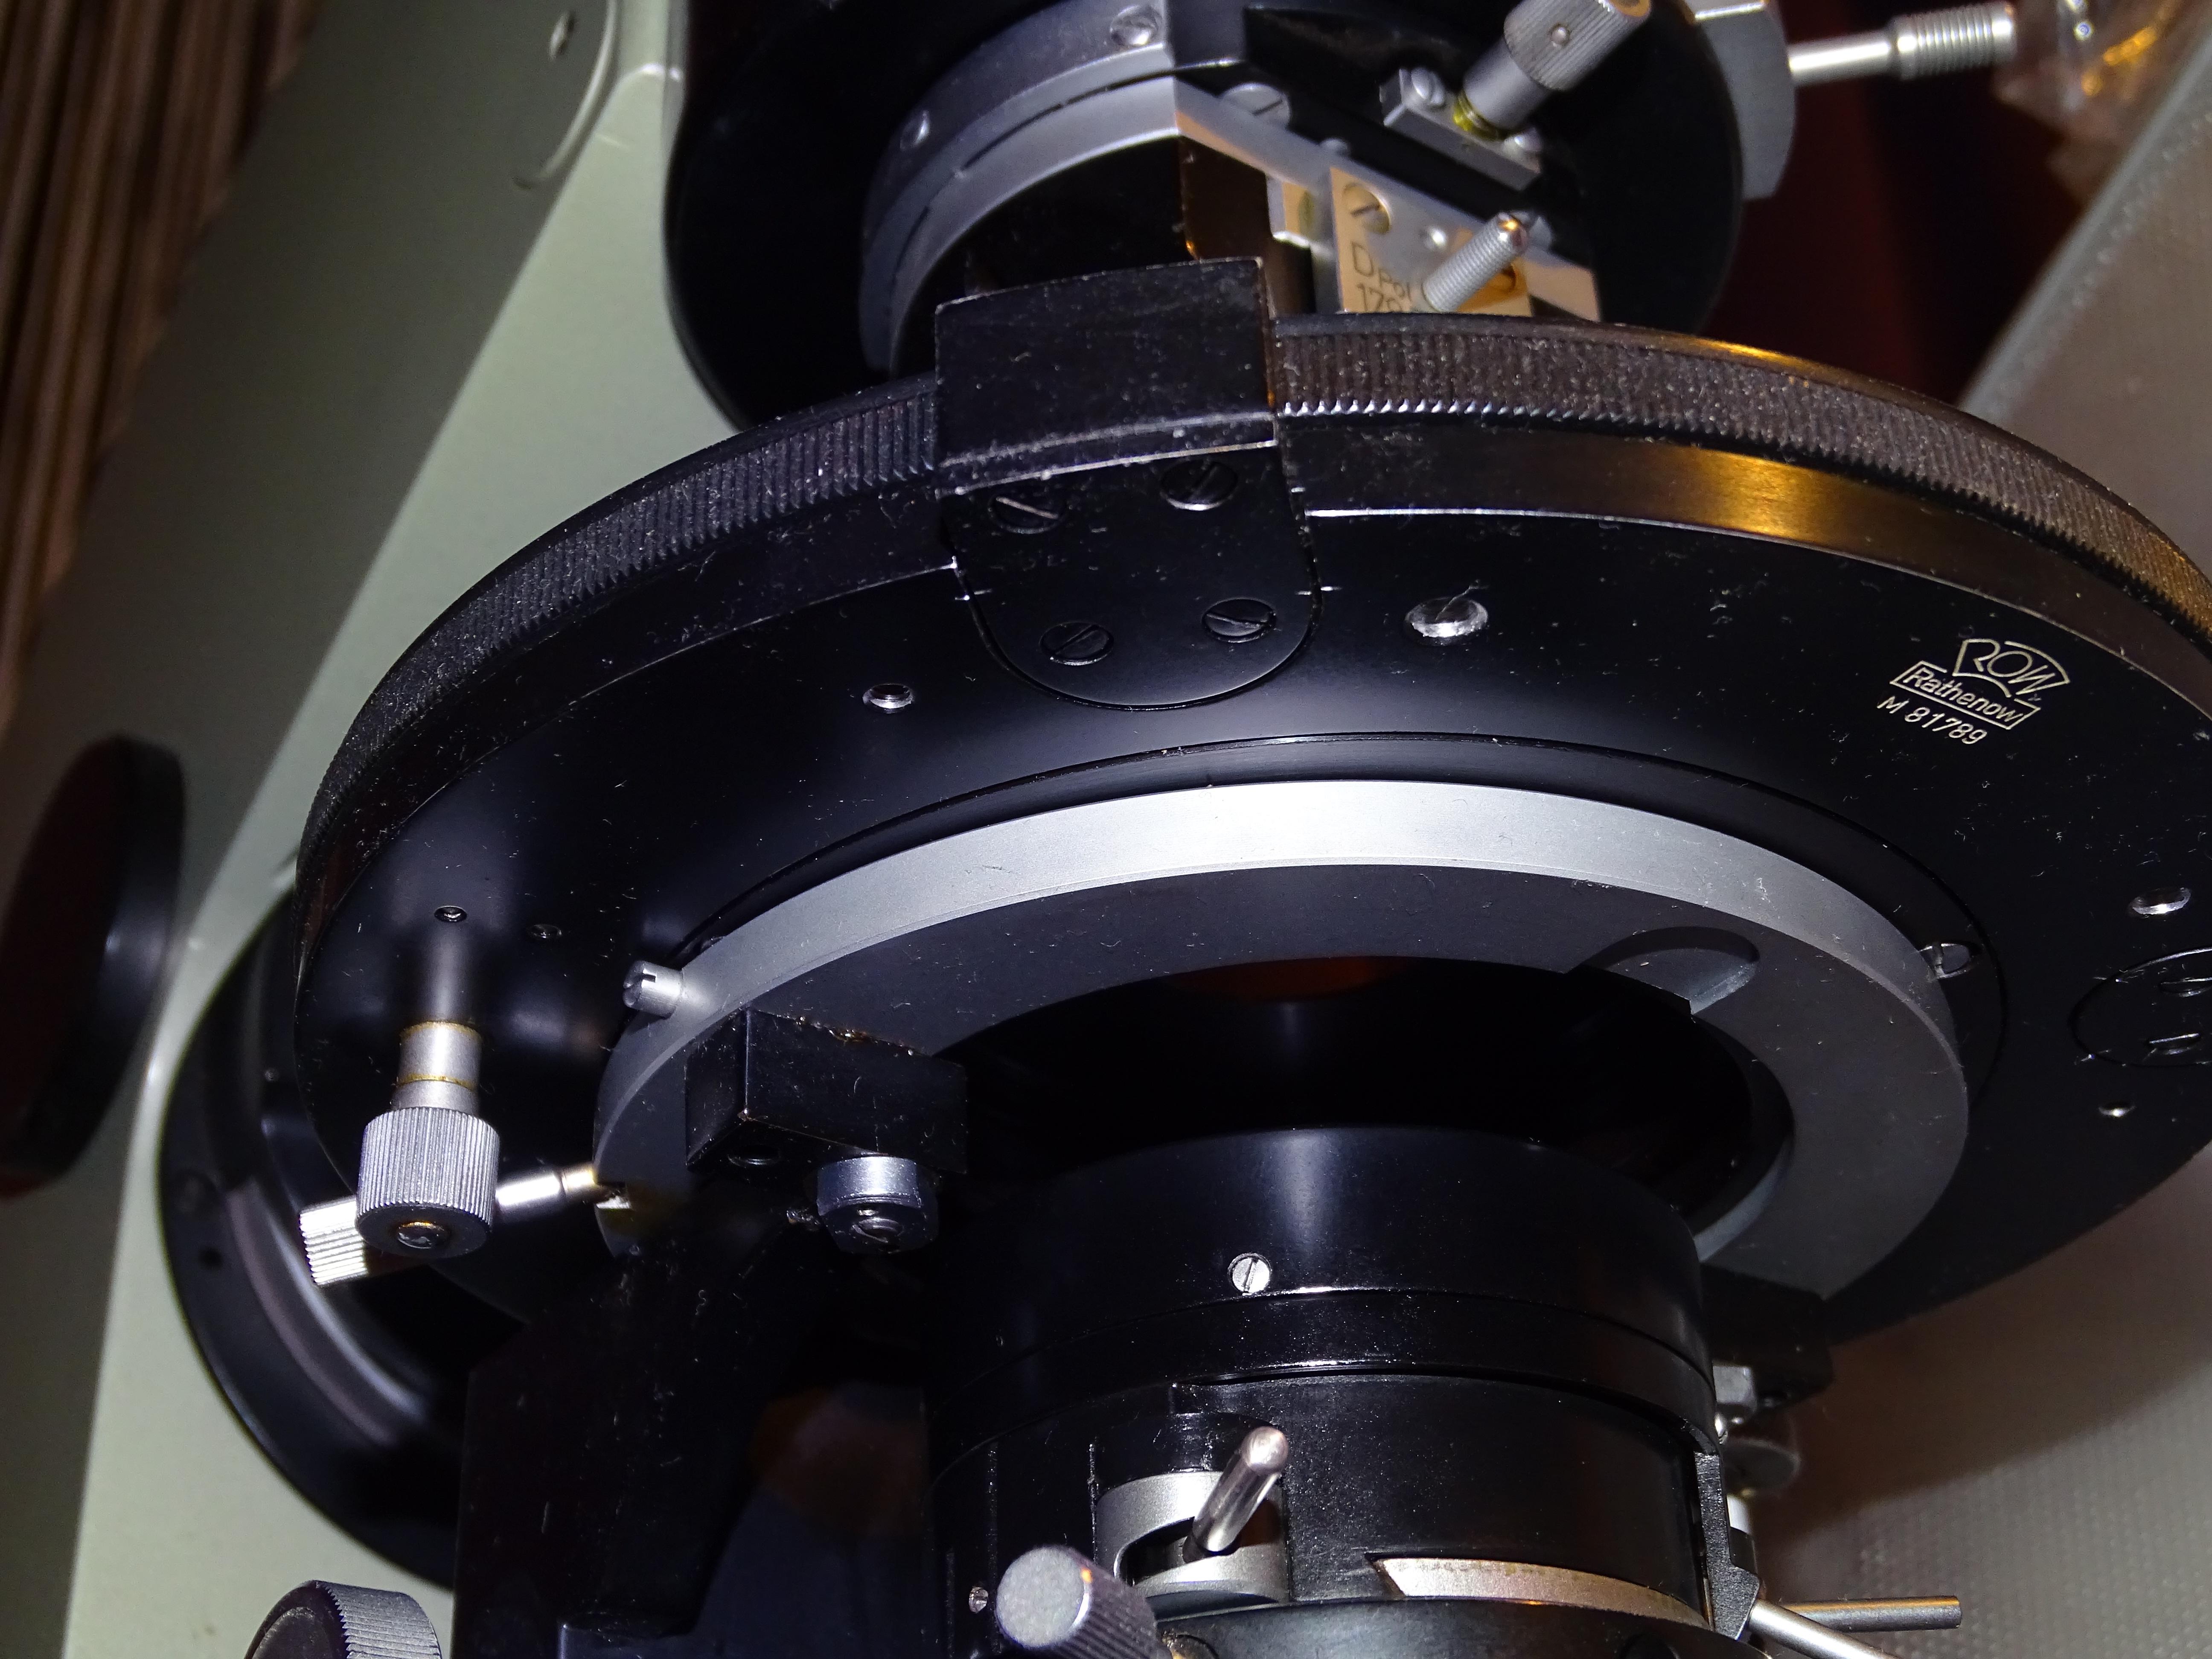 Der koloss von steglitz theodolit mikroskop xxxl von r. fuess